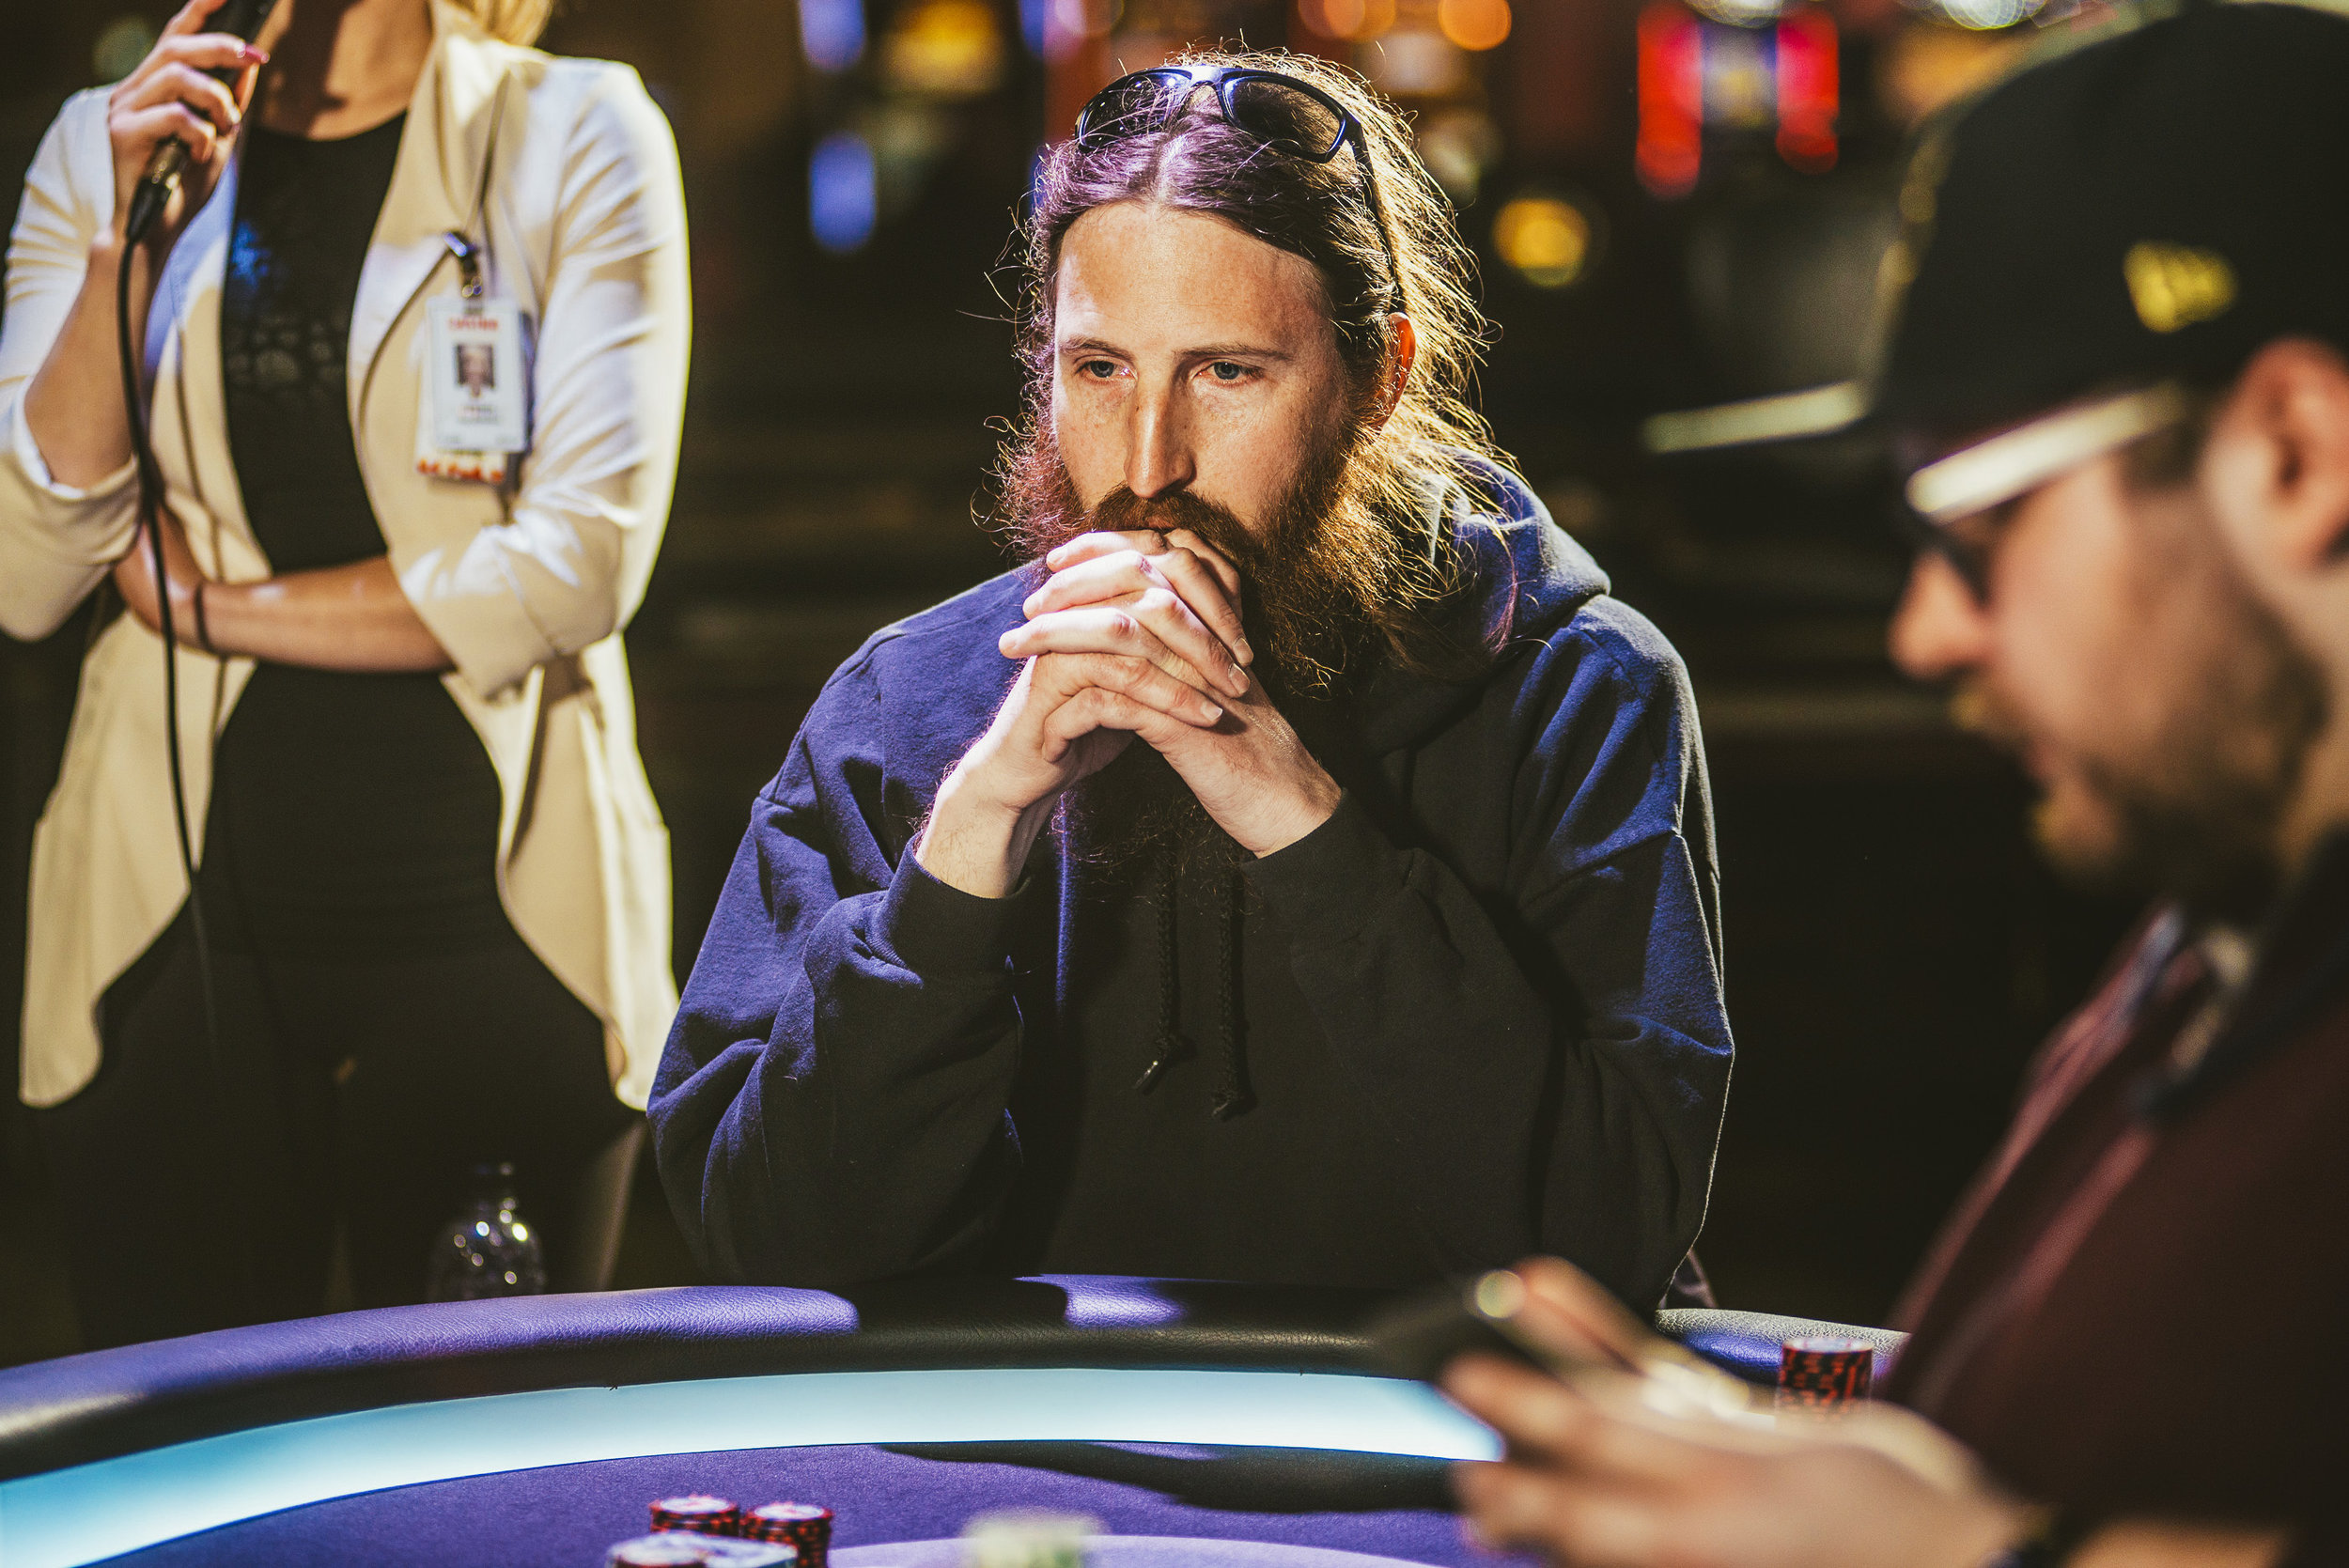 DeepStacks Poker Tour_Ryan Godsend_Amato_AA42948.jpg